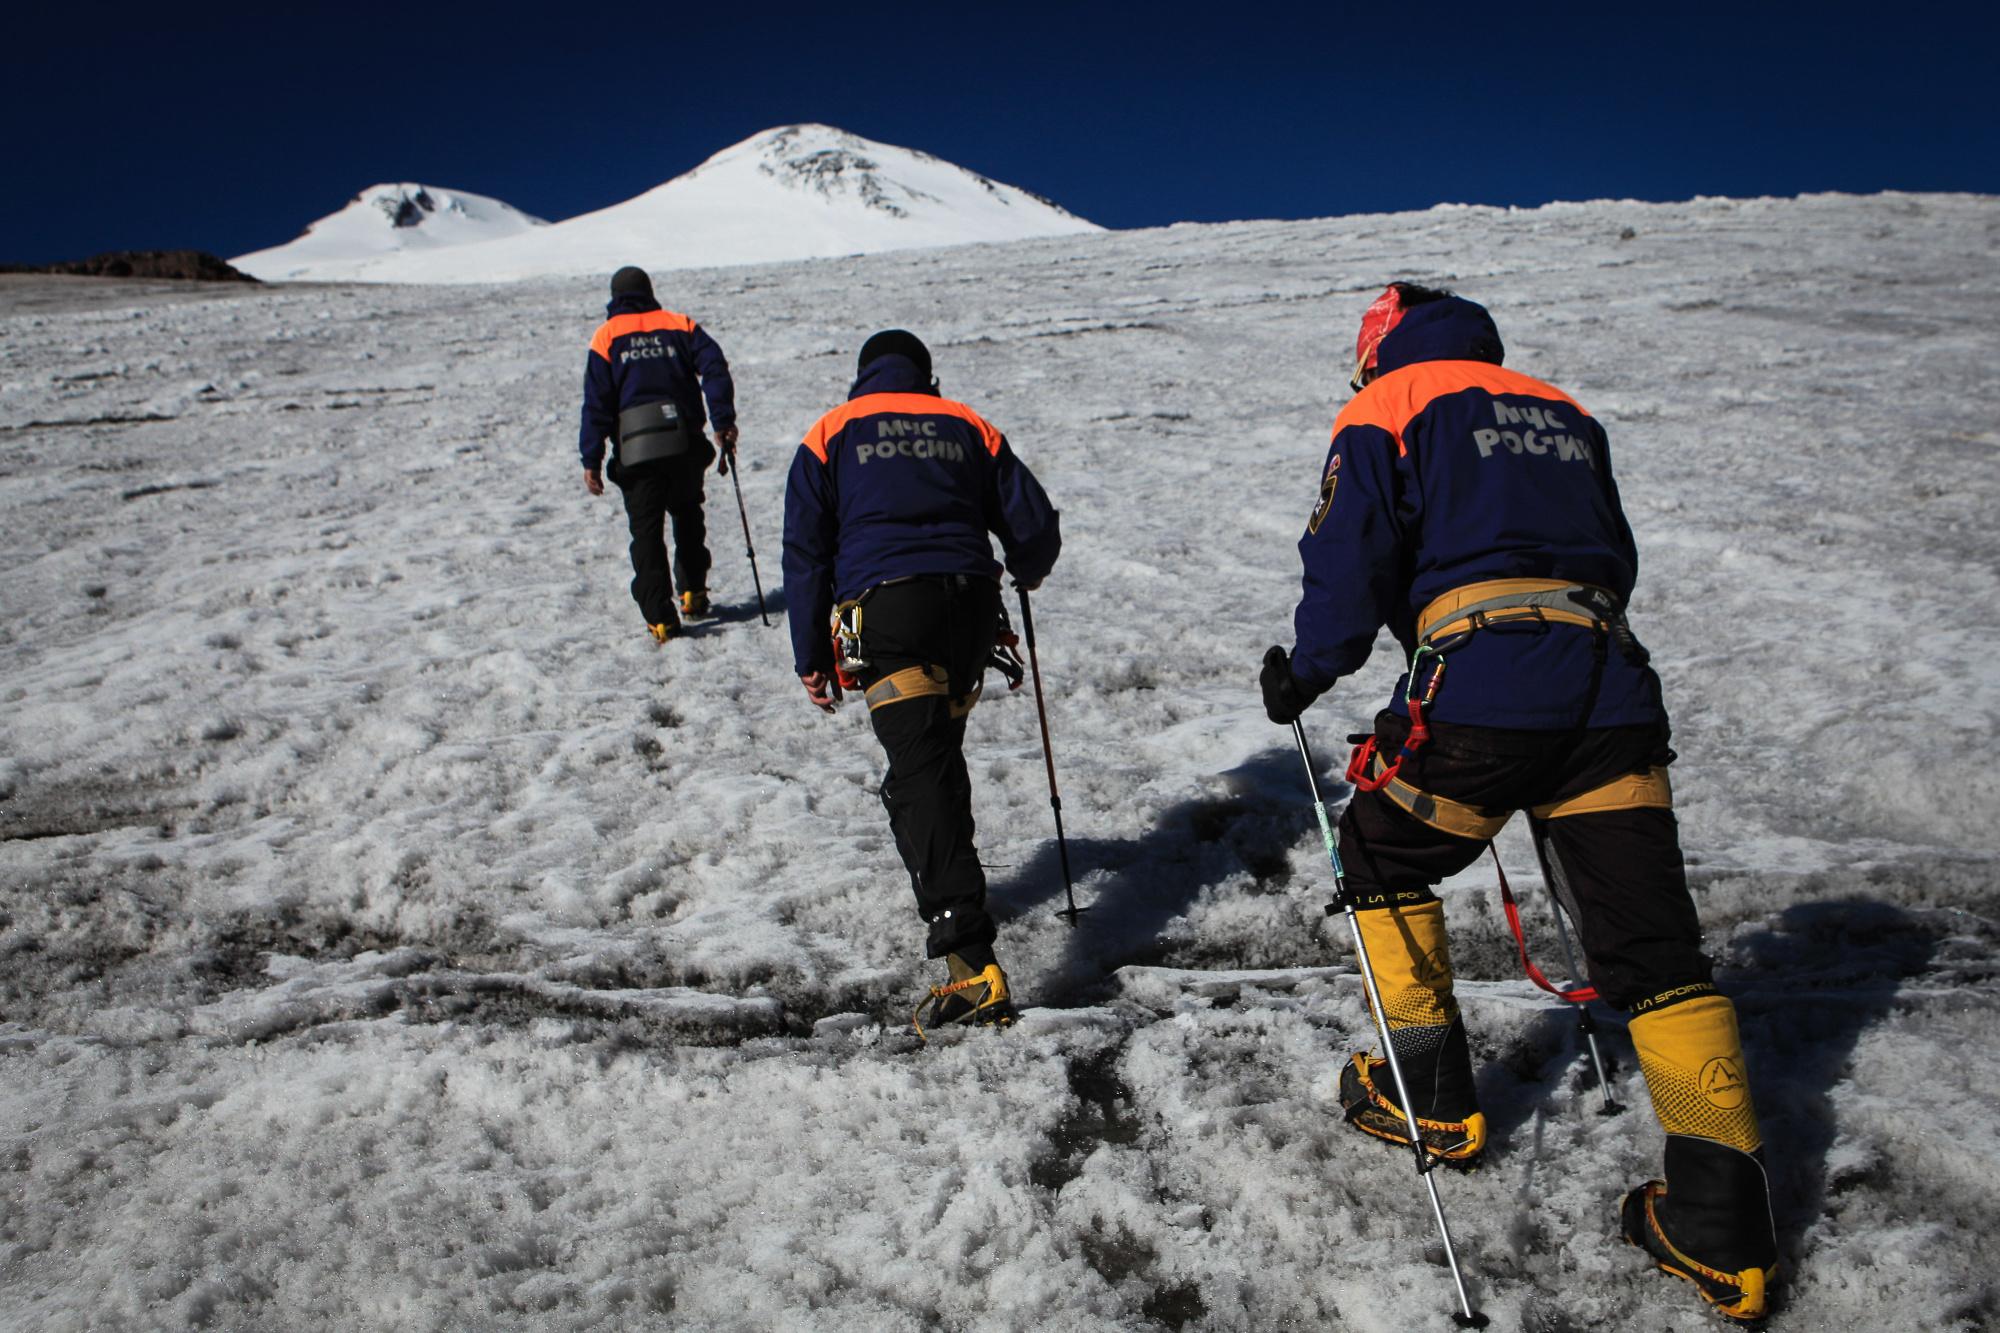 Поисково-спасательные работы на горе Эльбрус завершены